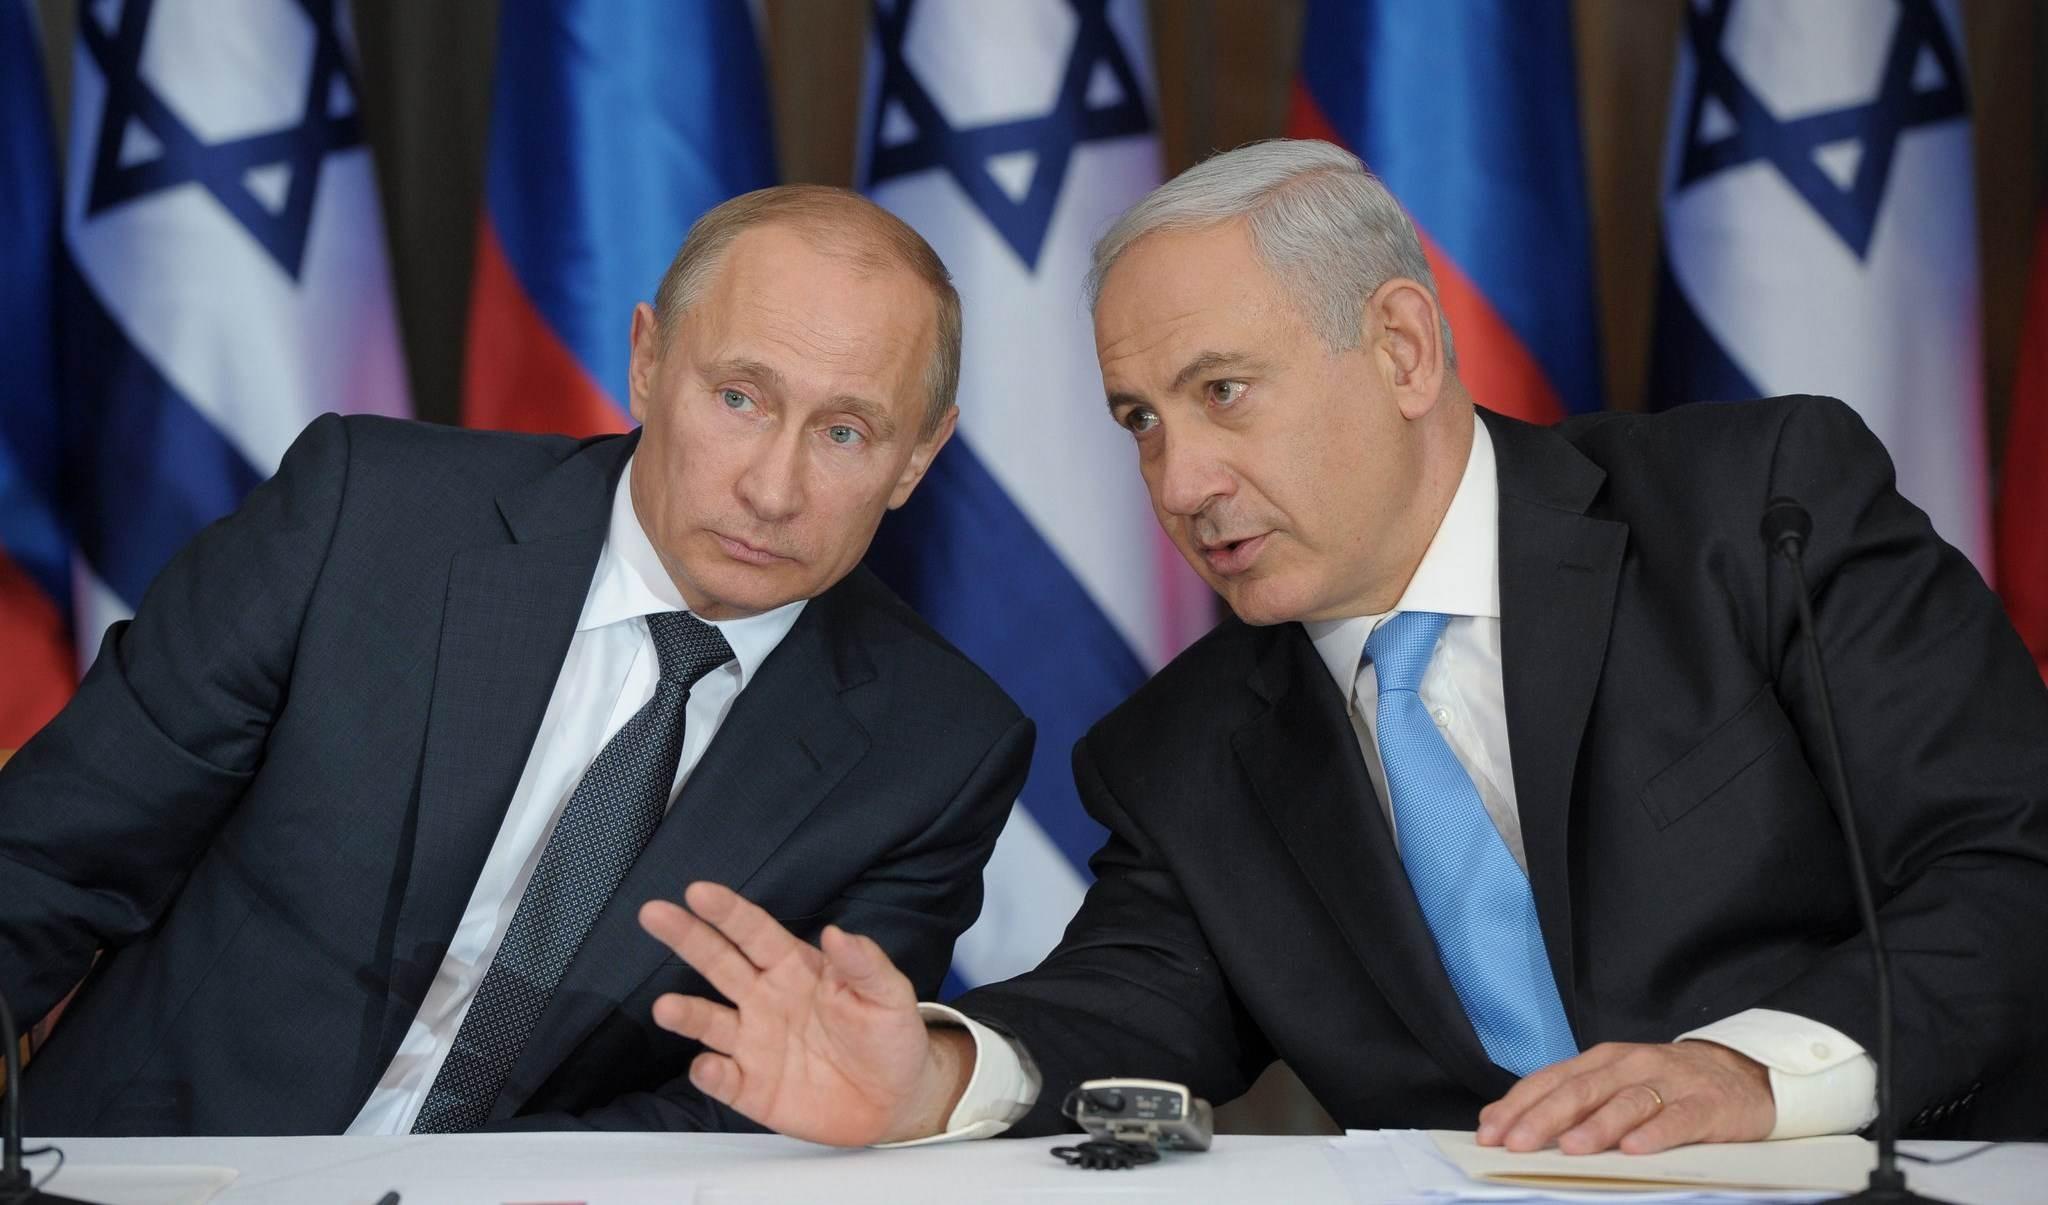 مصادر دبلوماسية للميادين: موسكو تجري اتصالات دولية لتجنب المزيد من التصعيد في الشرق الأوسط